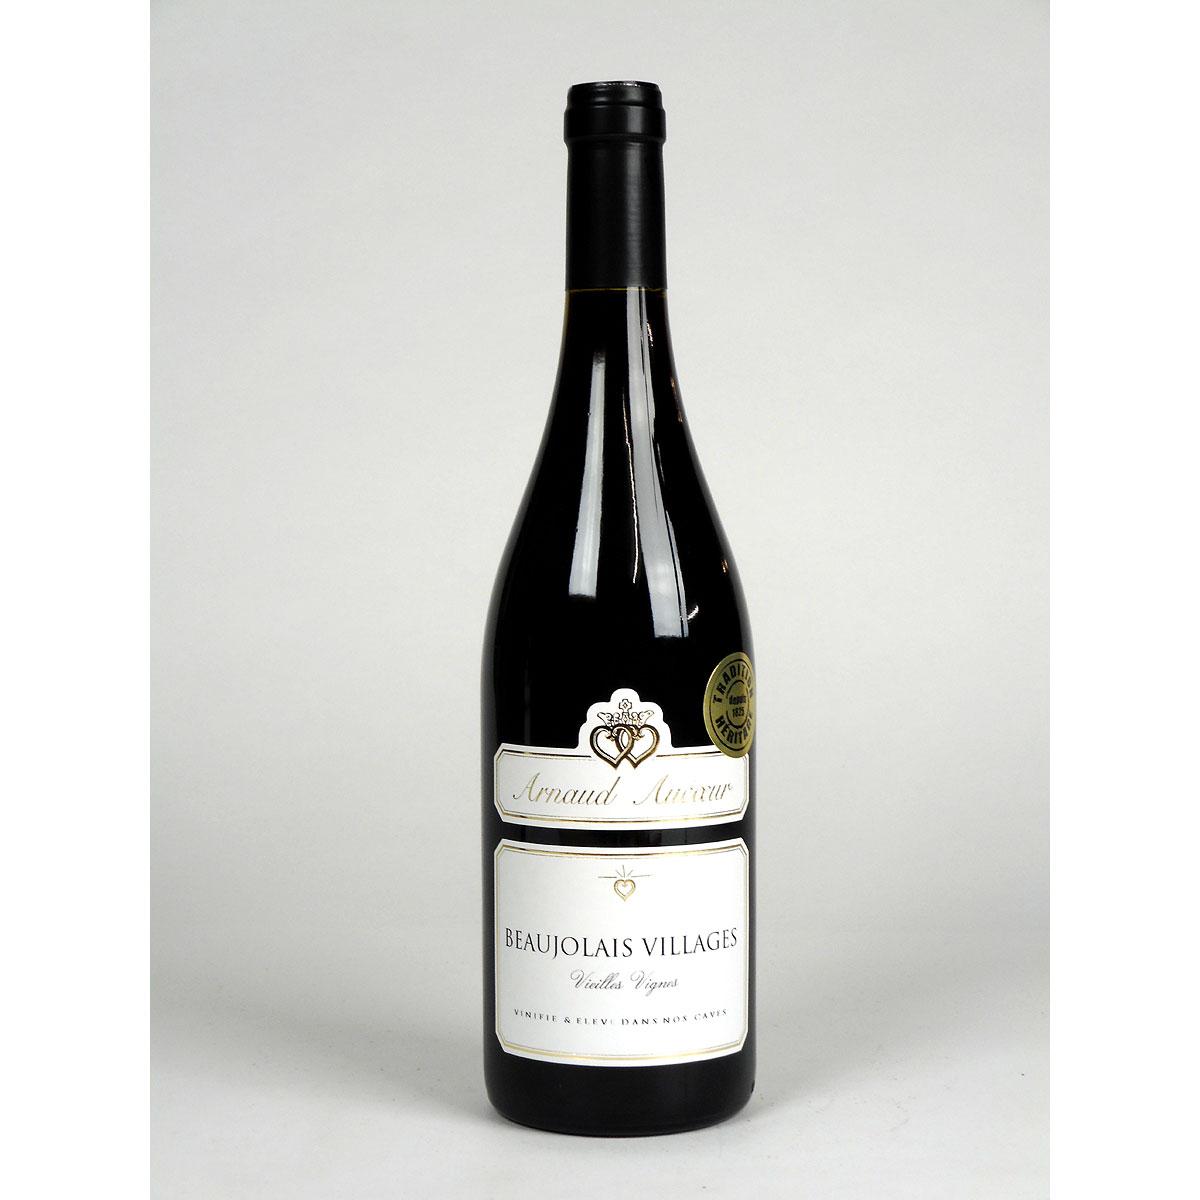 Beaujolais Villages: Arnaud Aucoeur 'Vieilles Vignes' 2018 - Bottle